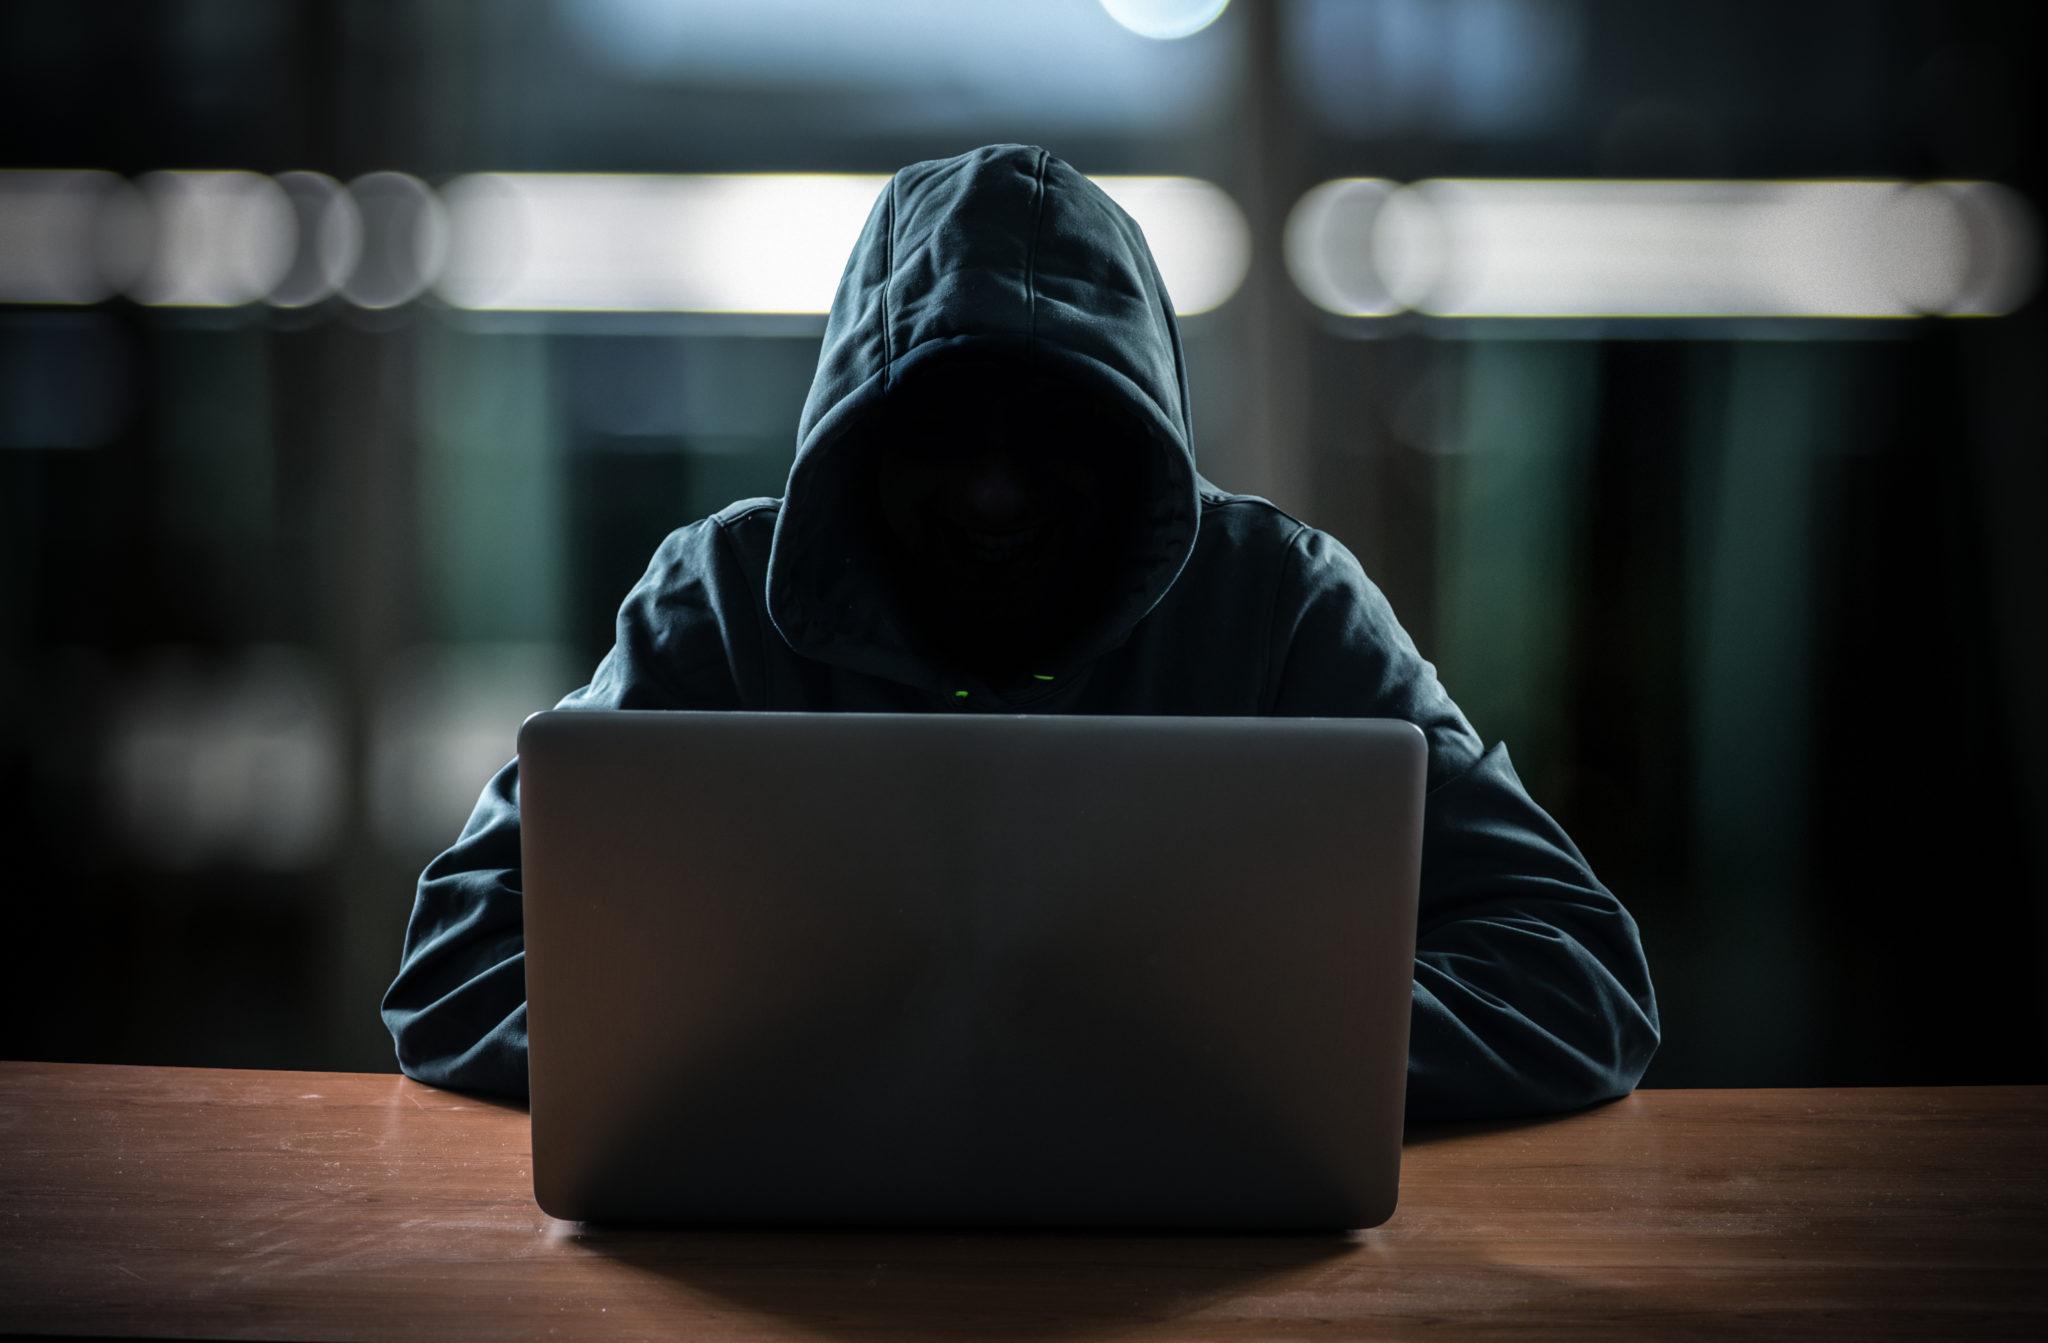 Les attaques DDoS à grande échelle ont augmenté de 500 % en 2018